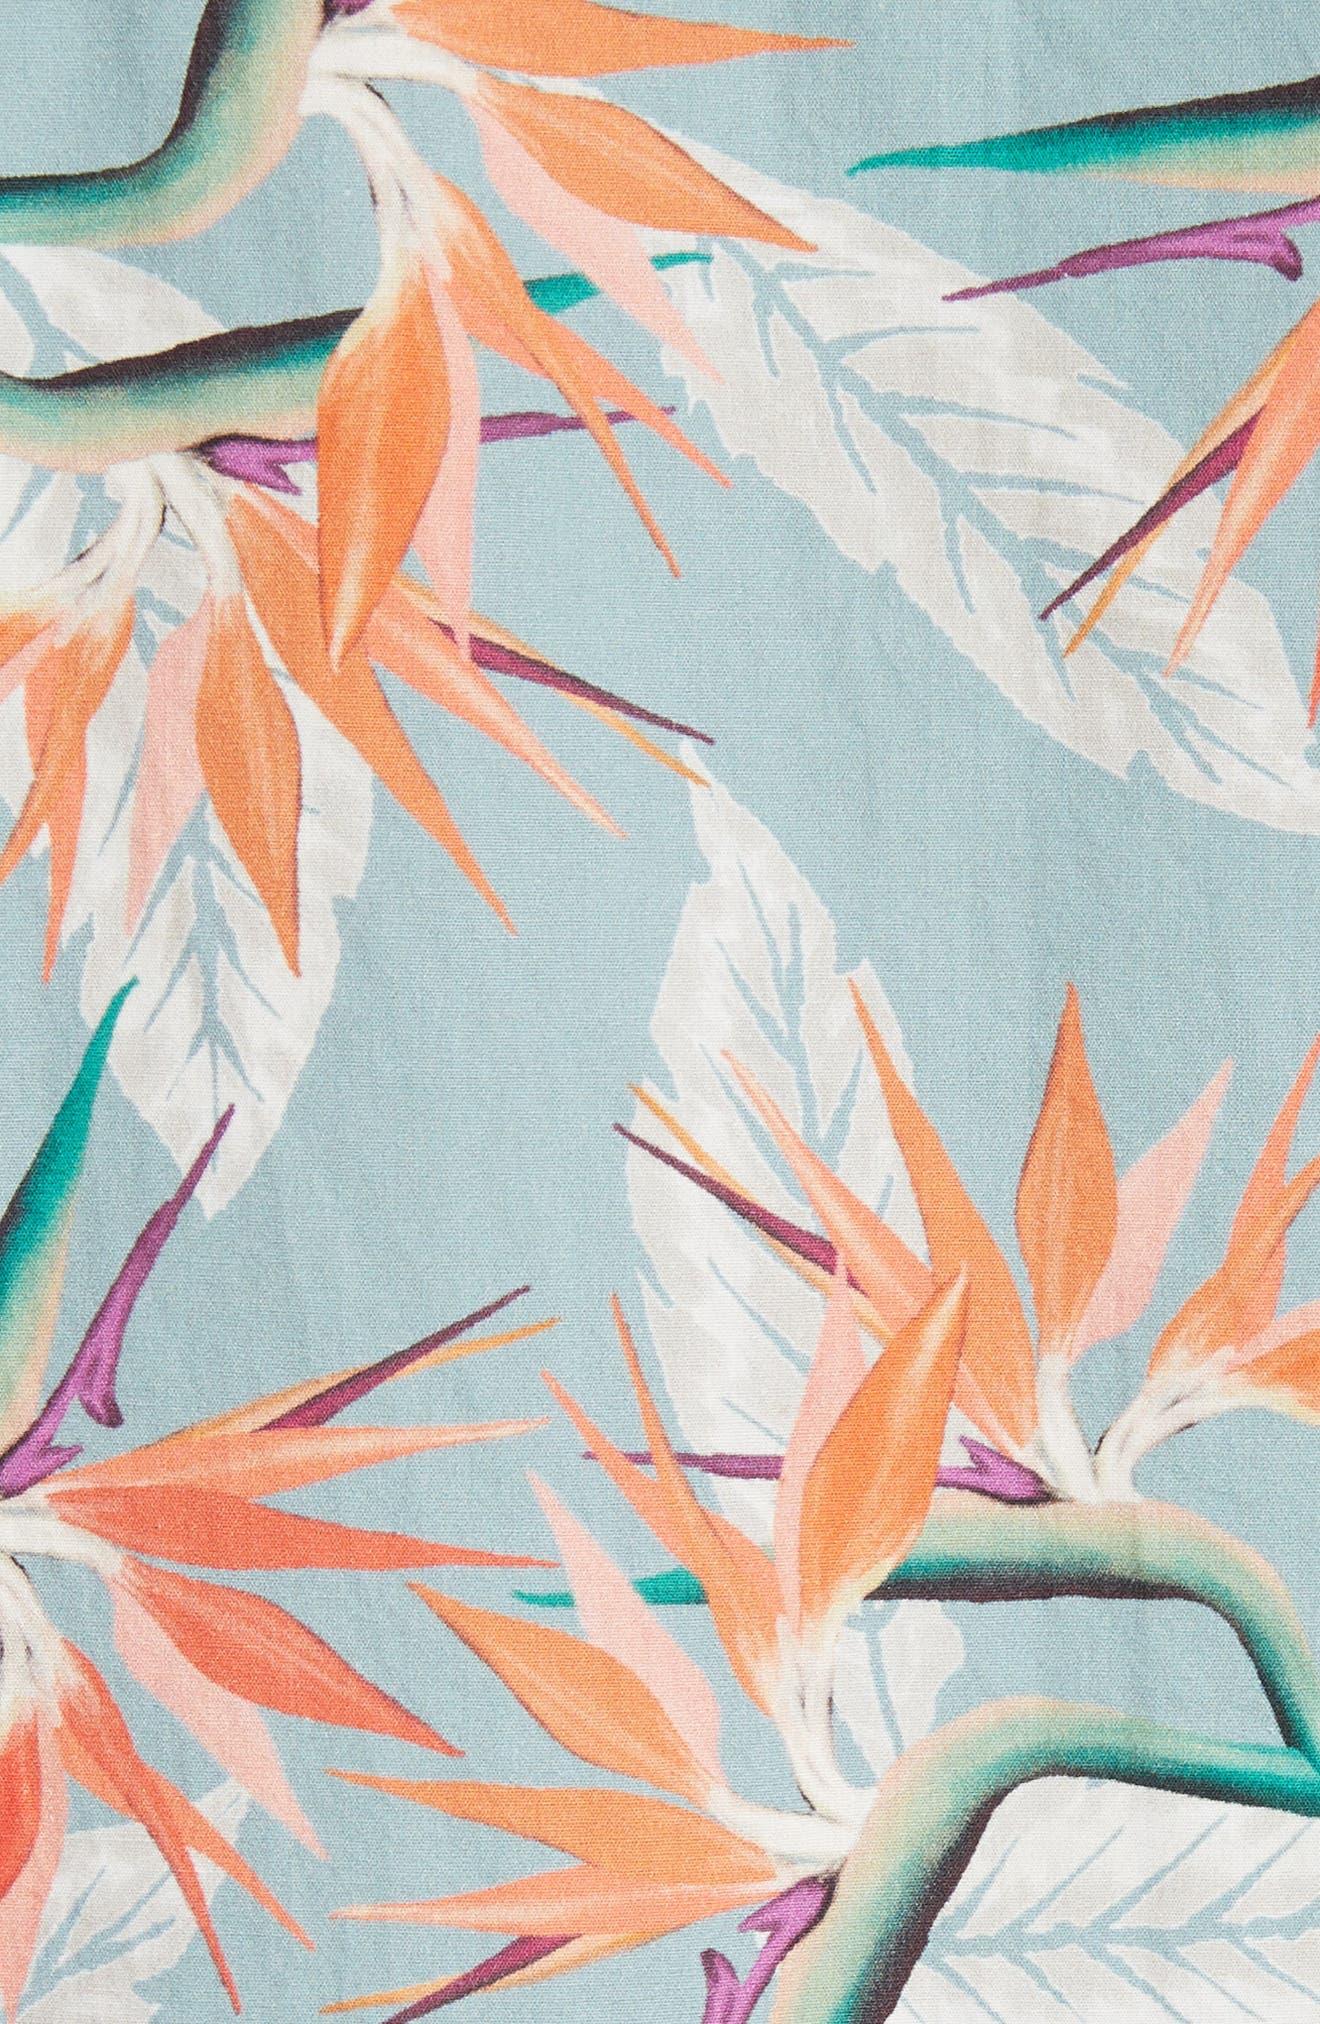 Esquina Paradise Woven Shirt,                             Alternate thumbnail 5, color,                             PARADISE PRINT